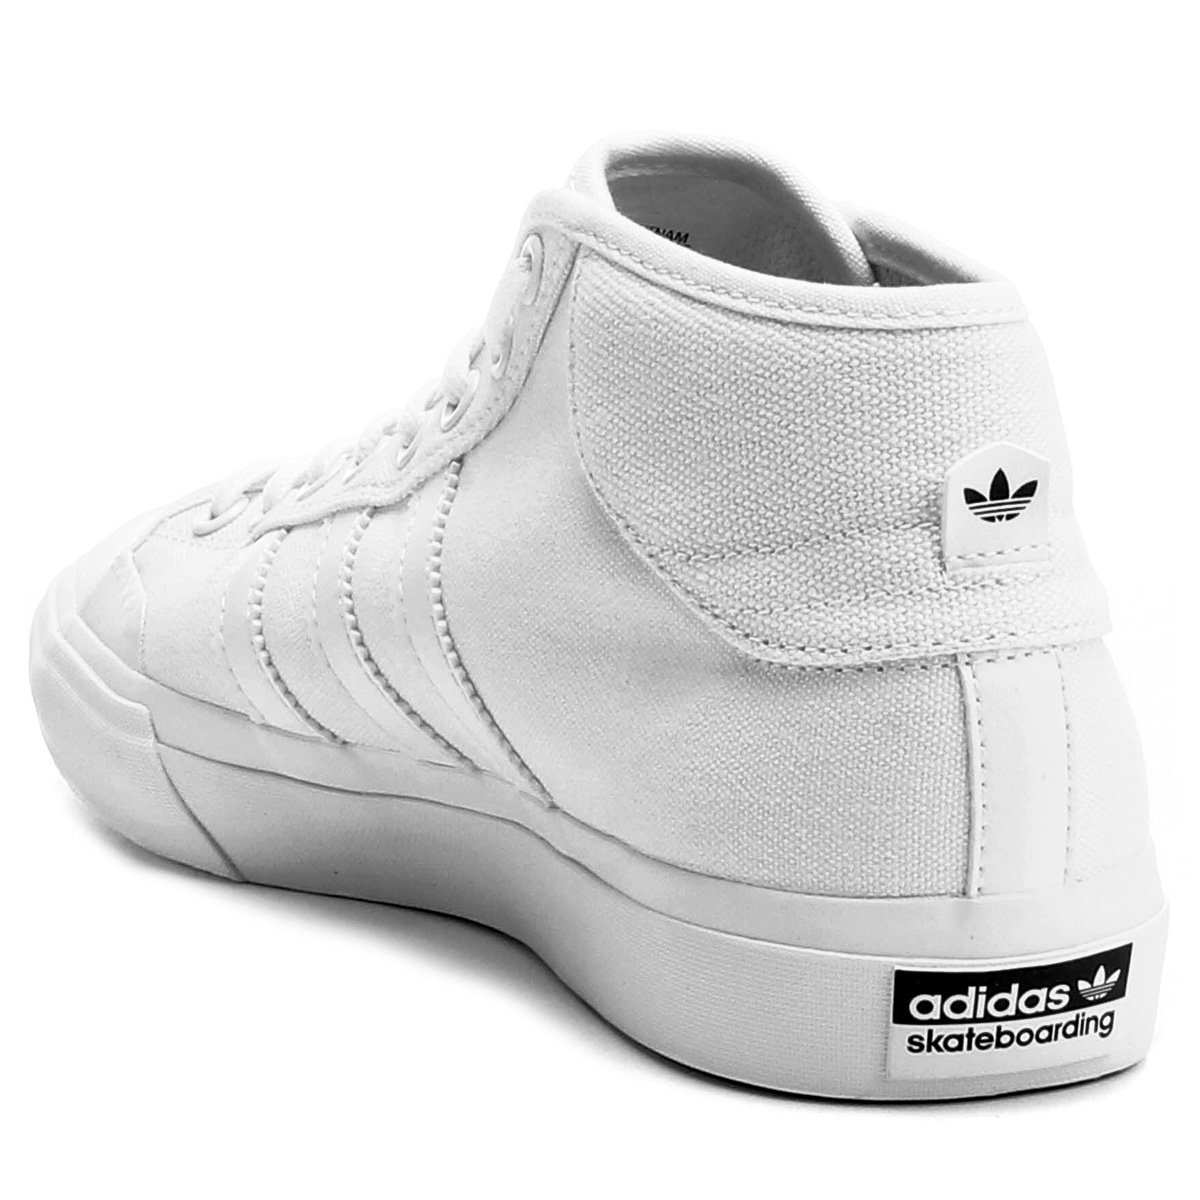 9f31da6d129 Tênis Adidas Matchcourt Mid Adv - Compre Agora